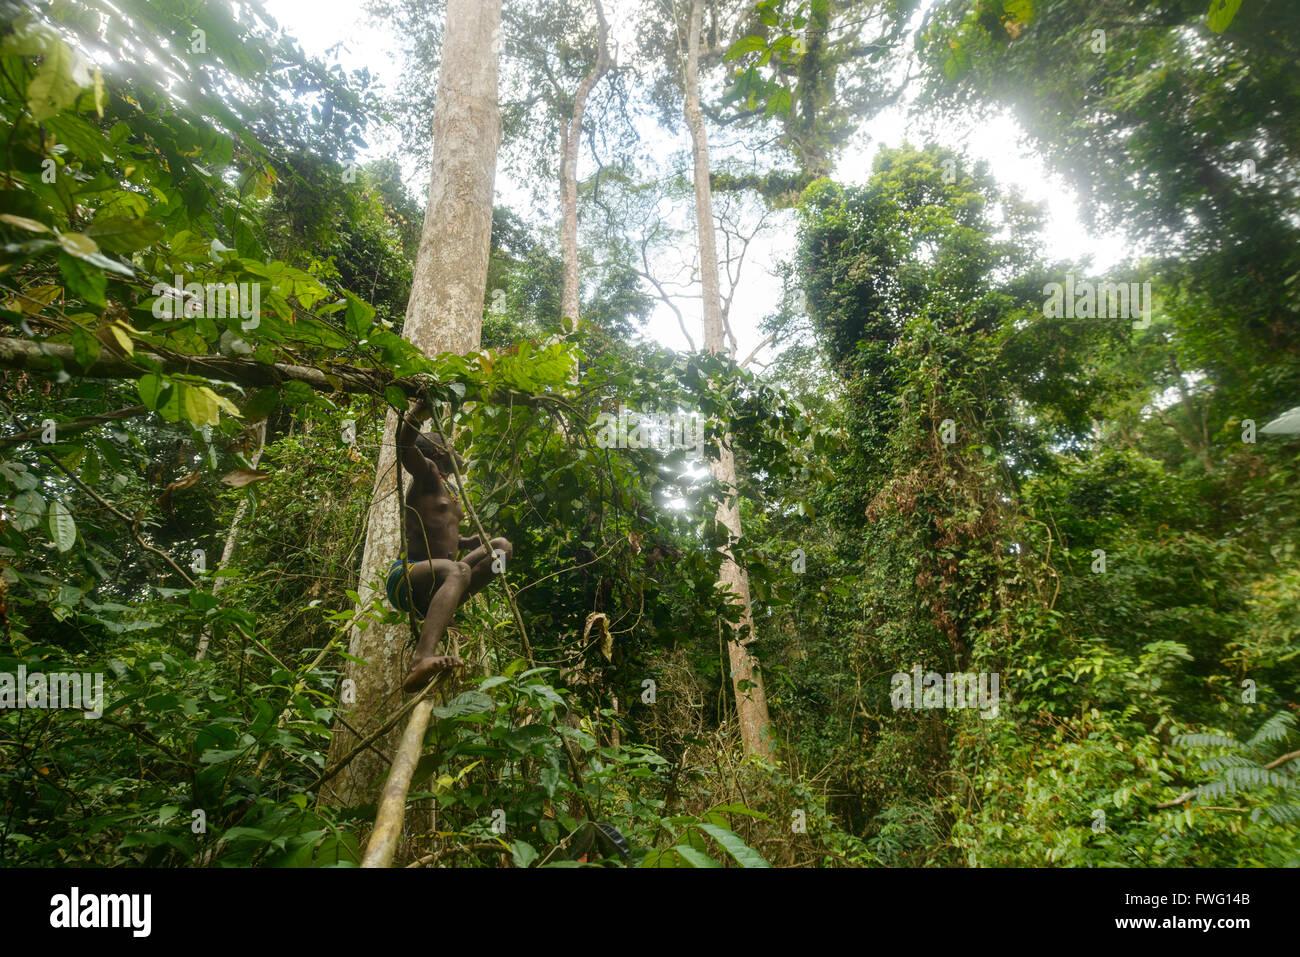 African Rainforest